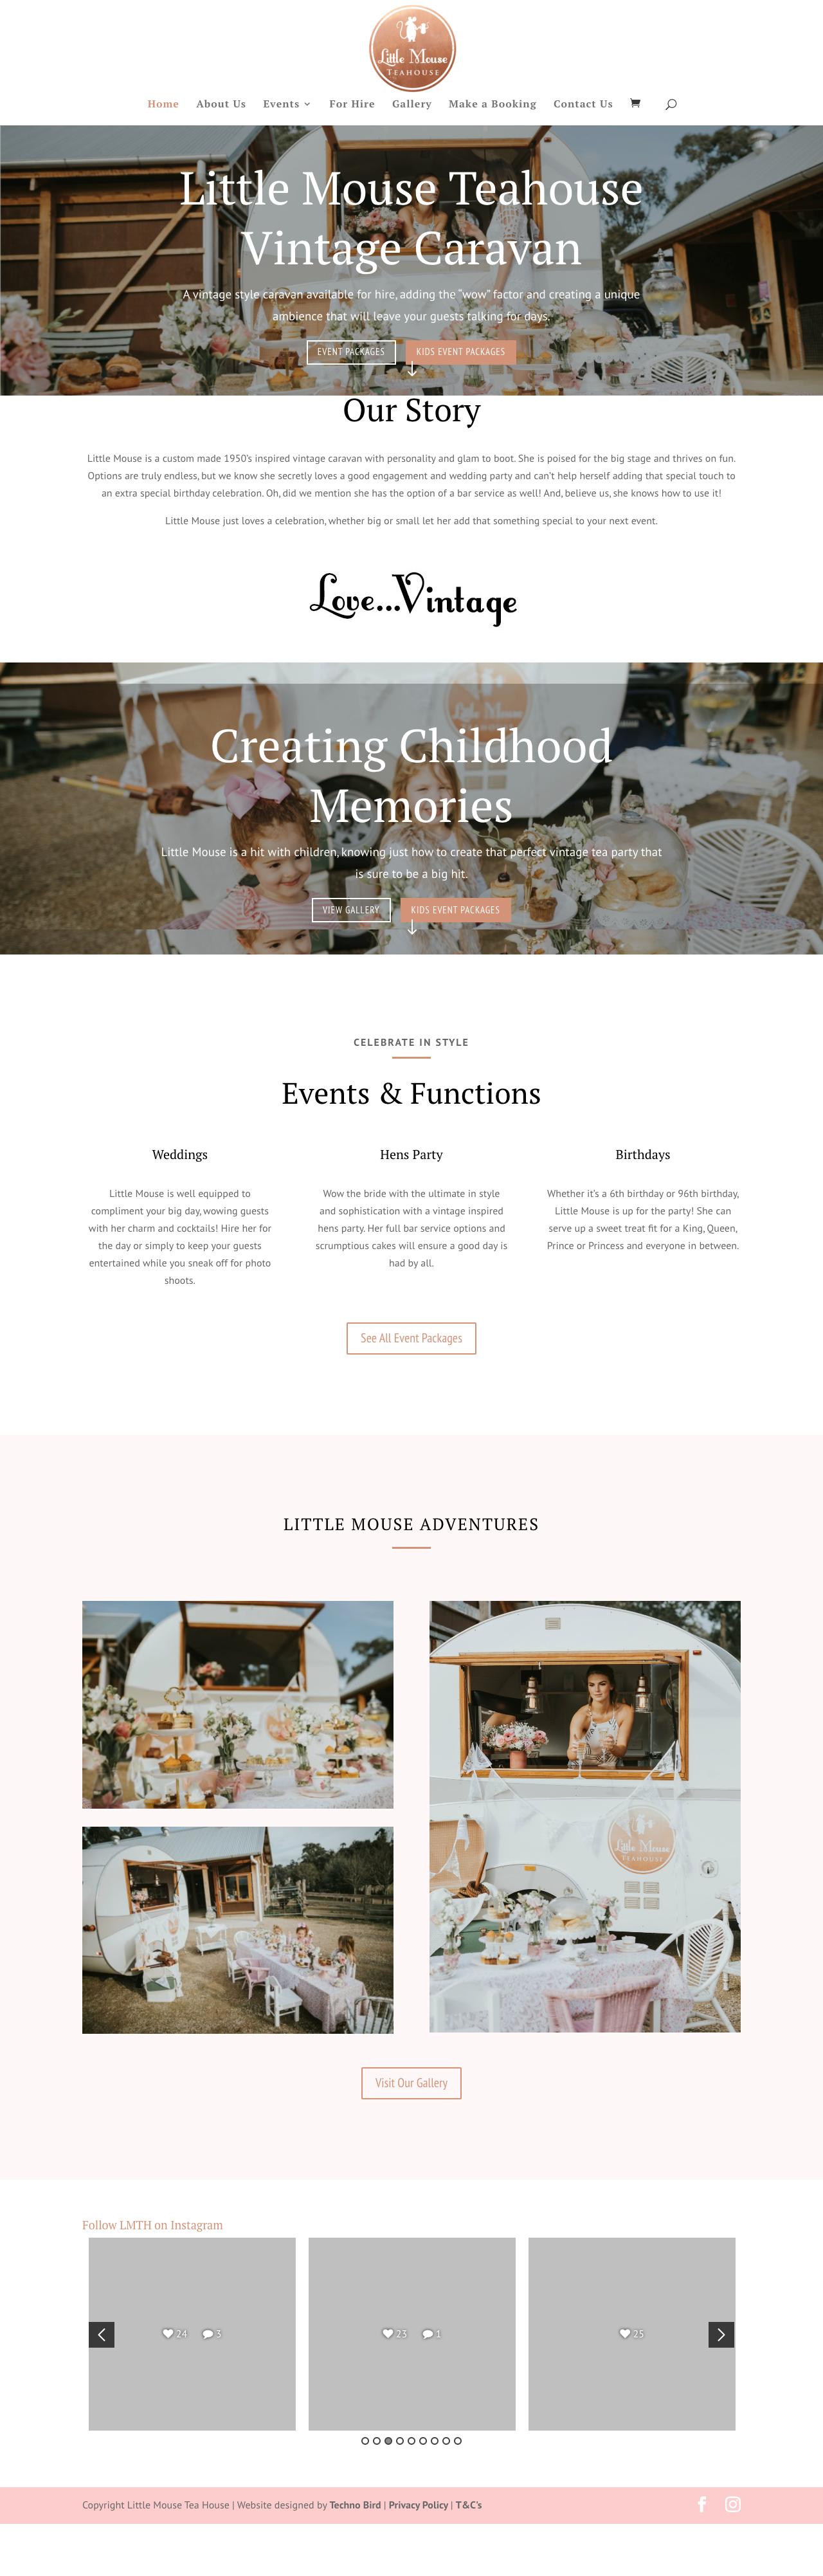 Little Mouse Teahouse